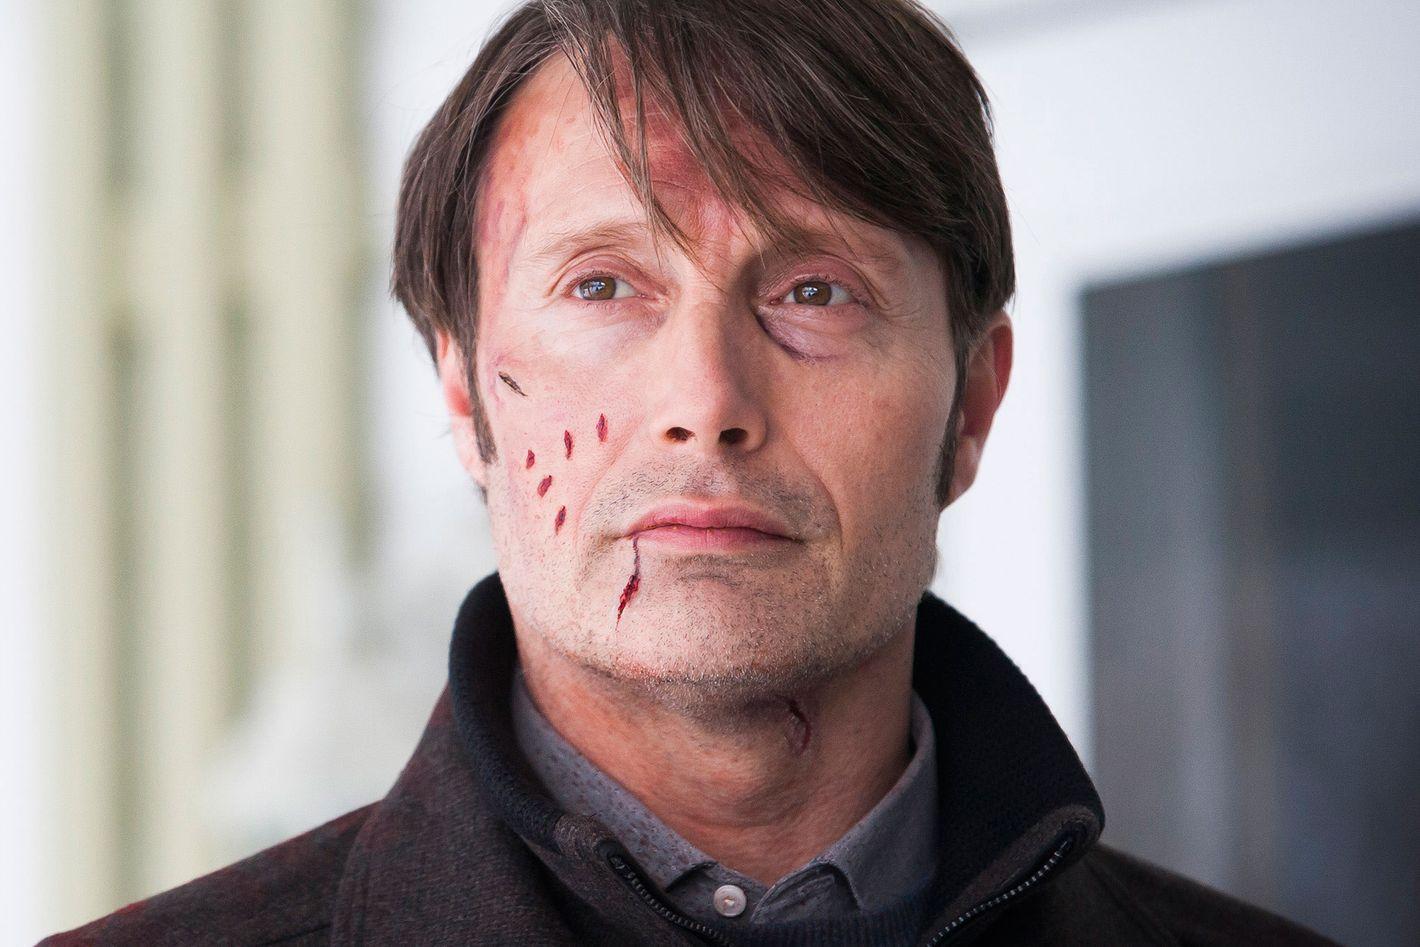 Hannibal (2013-15)